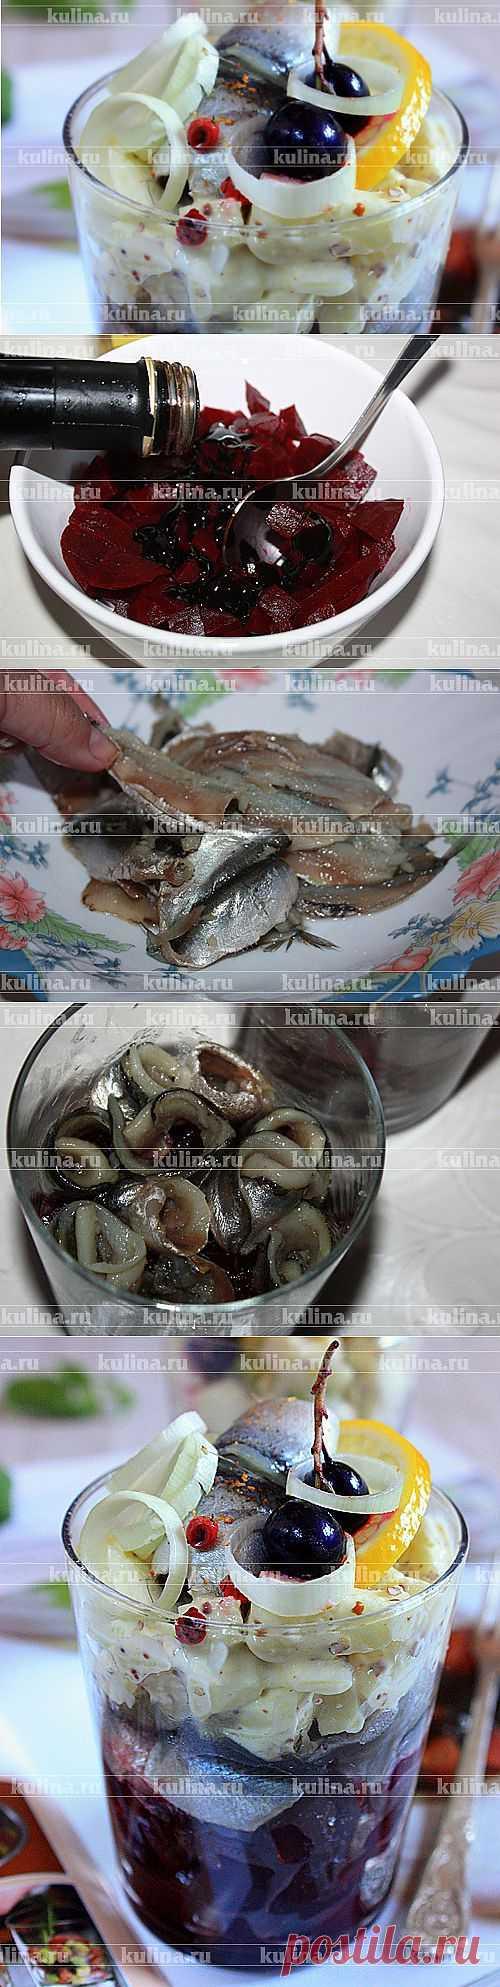 Салат с пряной килькой, яблоками и свеклой – рецепт приготовления с фото от Kulina.Ru